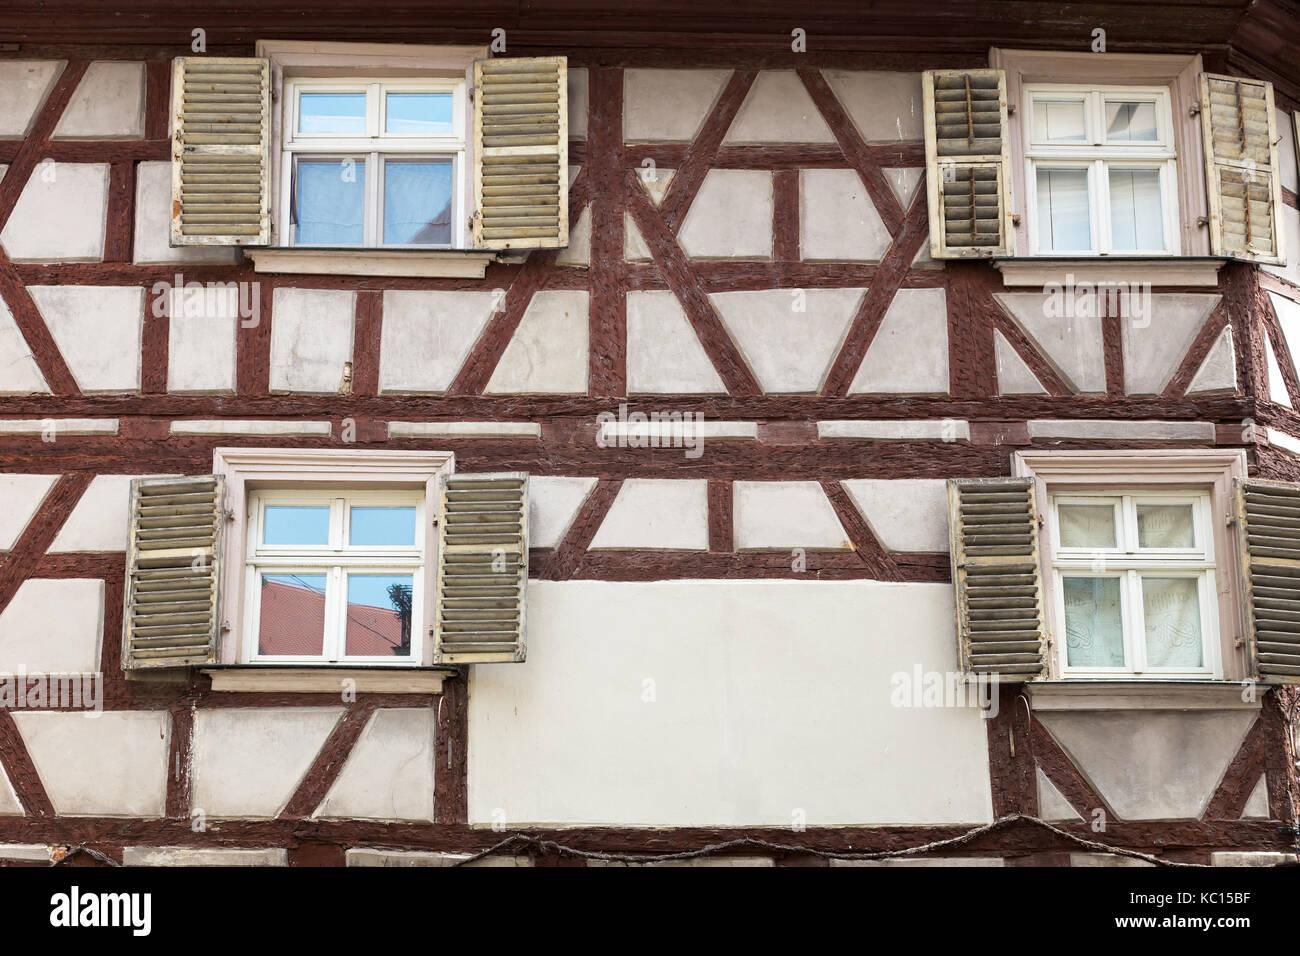 Fachwerk medieval house - Stock Image